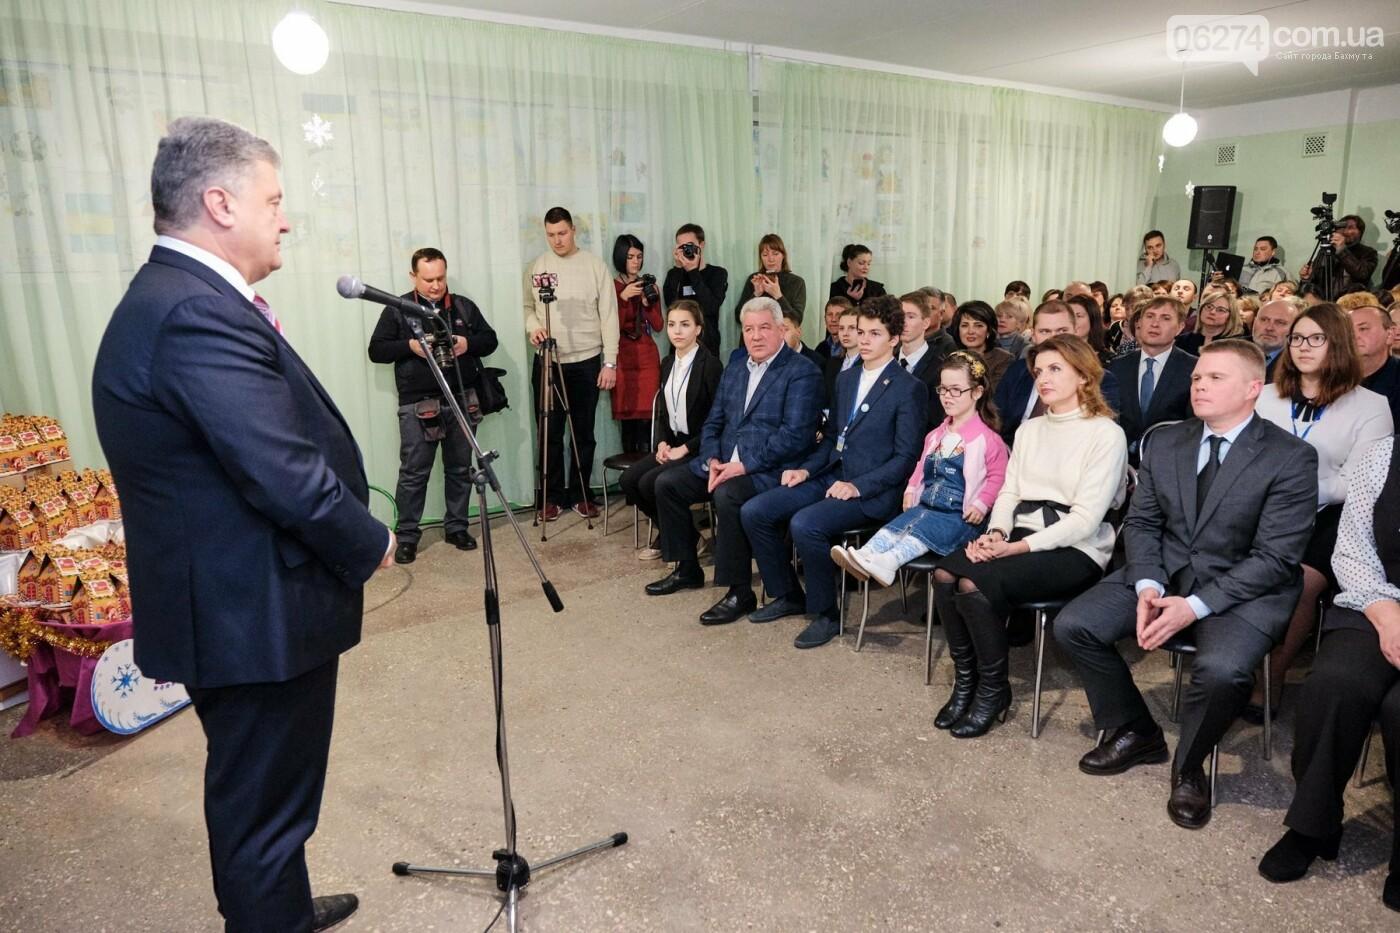 Президент Украины Петр Порошенко посетил Бахмут (ДОБАВЛЕНО ФОТО), фото-2